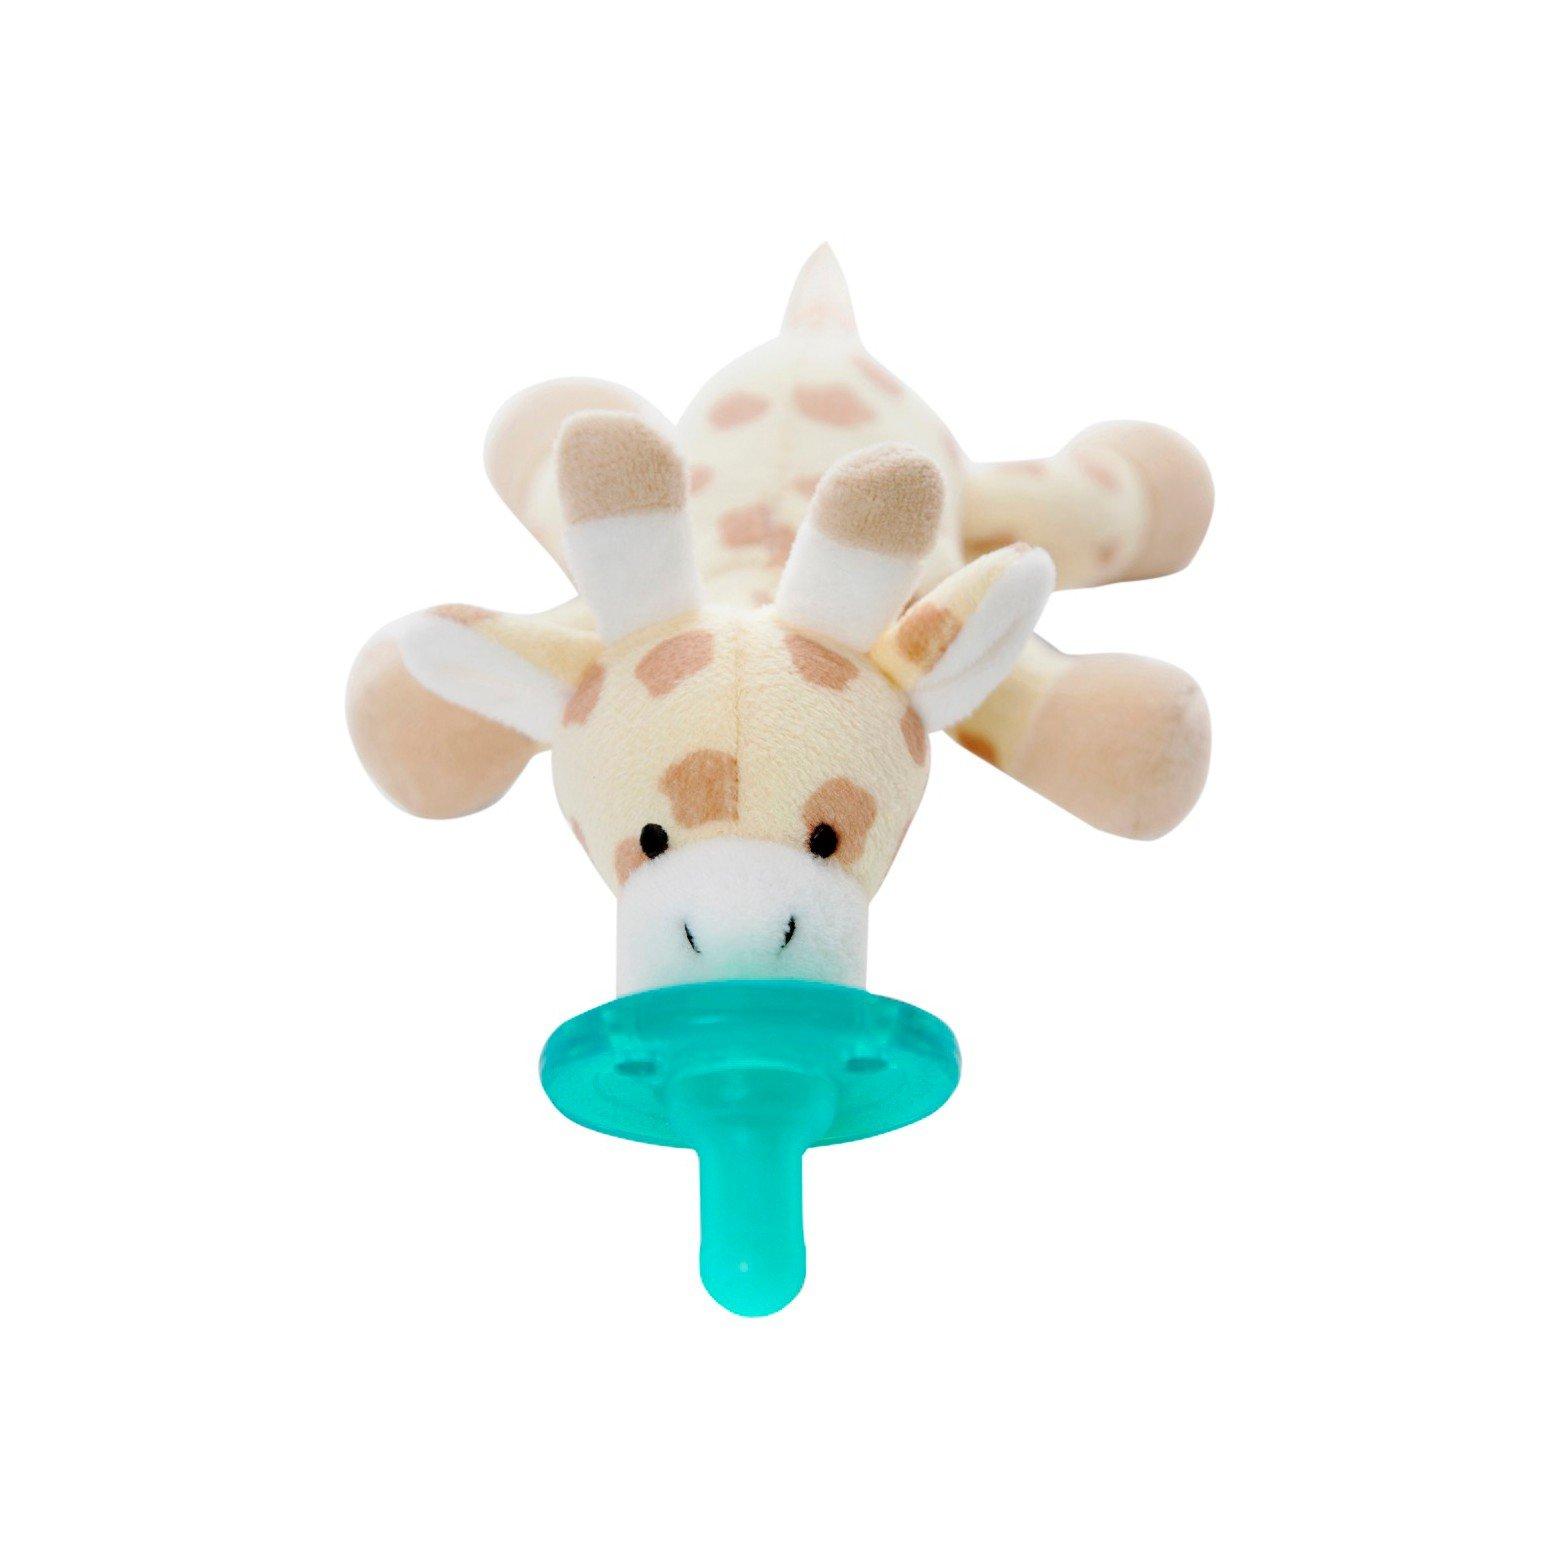 WubbaNub Giraffe Pacifier - Brown by WubbaNub